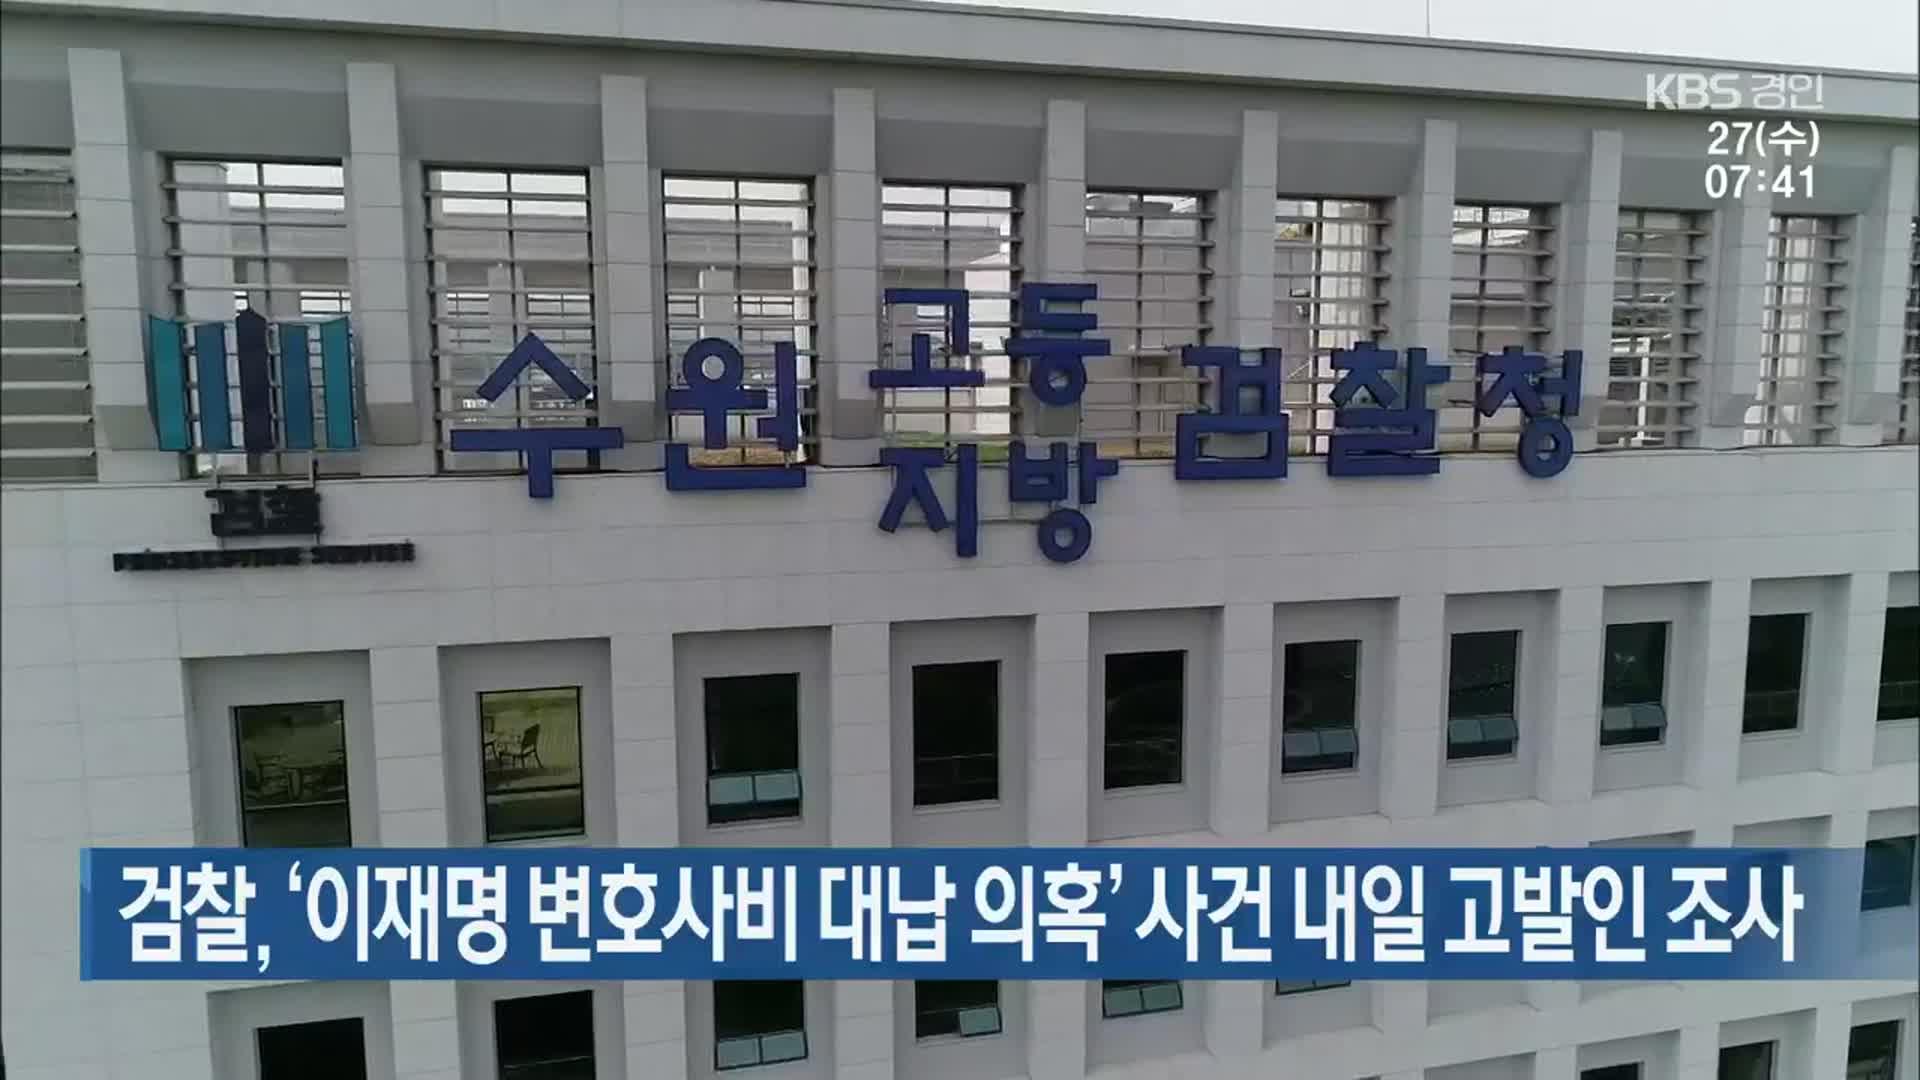 검찰, '이재명 변호사비 대납 의혹' 사건 내일 고발인 조사